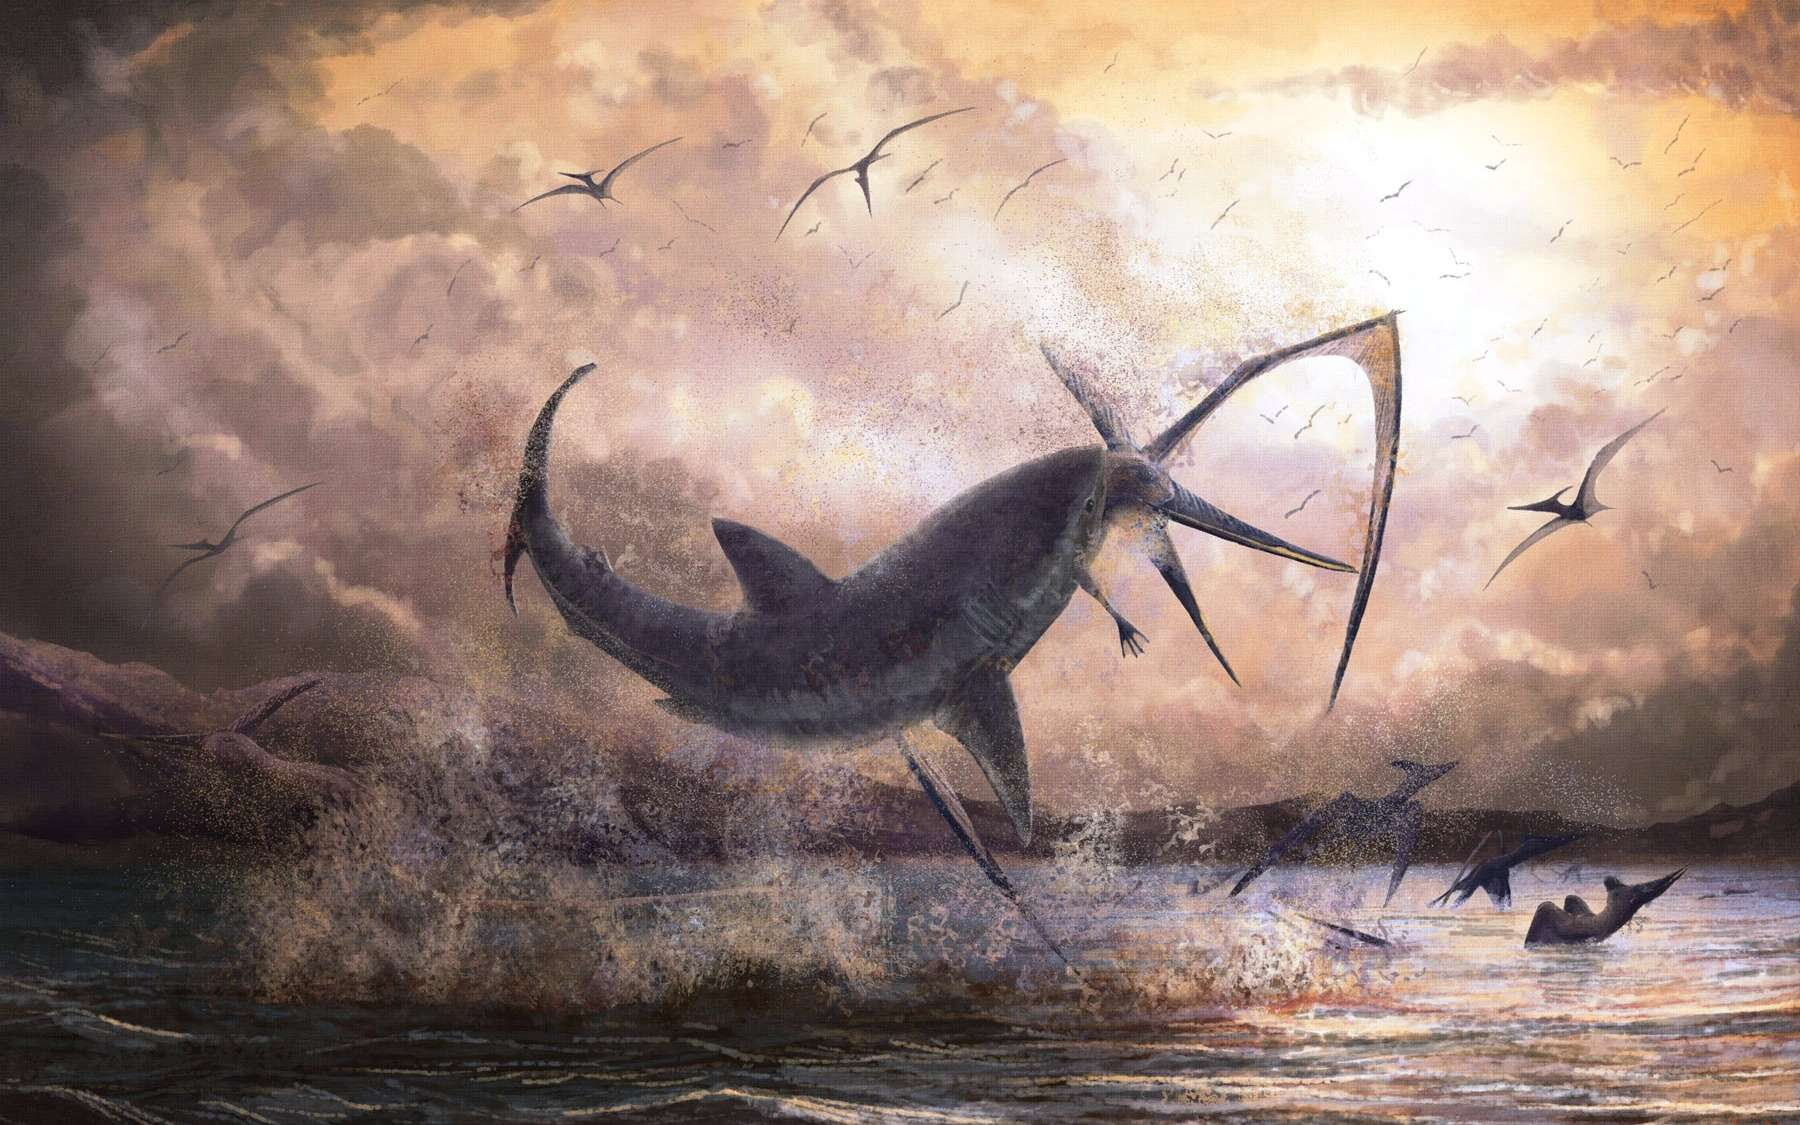 Reconstruction d'artiste montrant un requin de l'espèce éteinte Cretoxyrhina mantelli d'une longueur de 2,5 mètres mordant le cou d'un Pteranodon longiceps de 5 mètres d'envergure. © Mark Witton